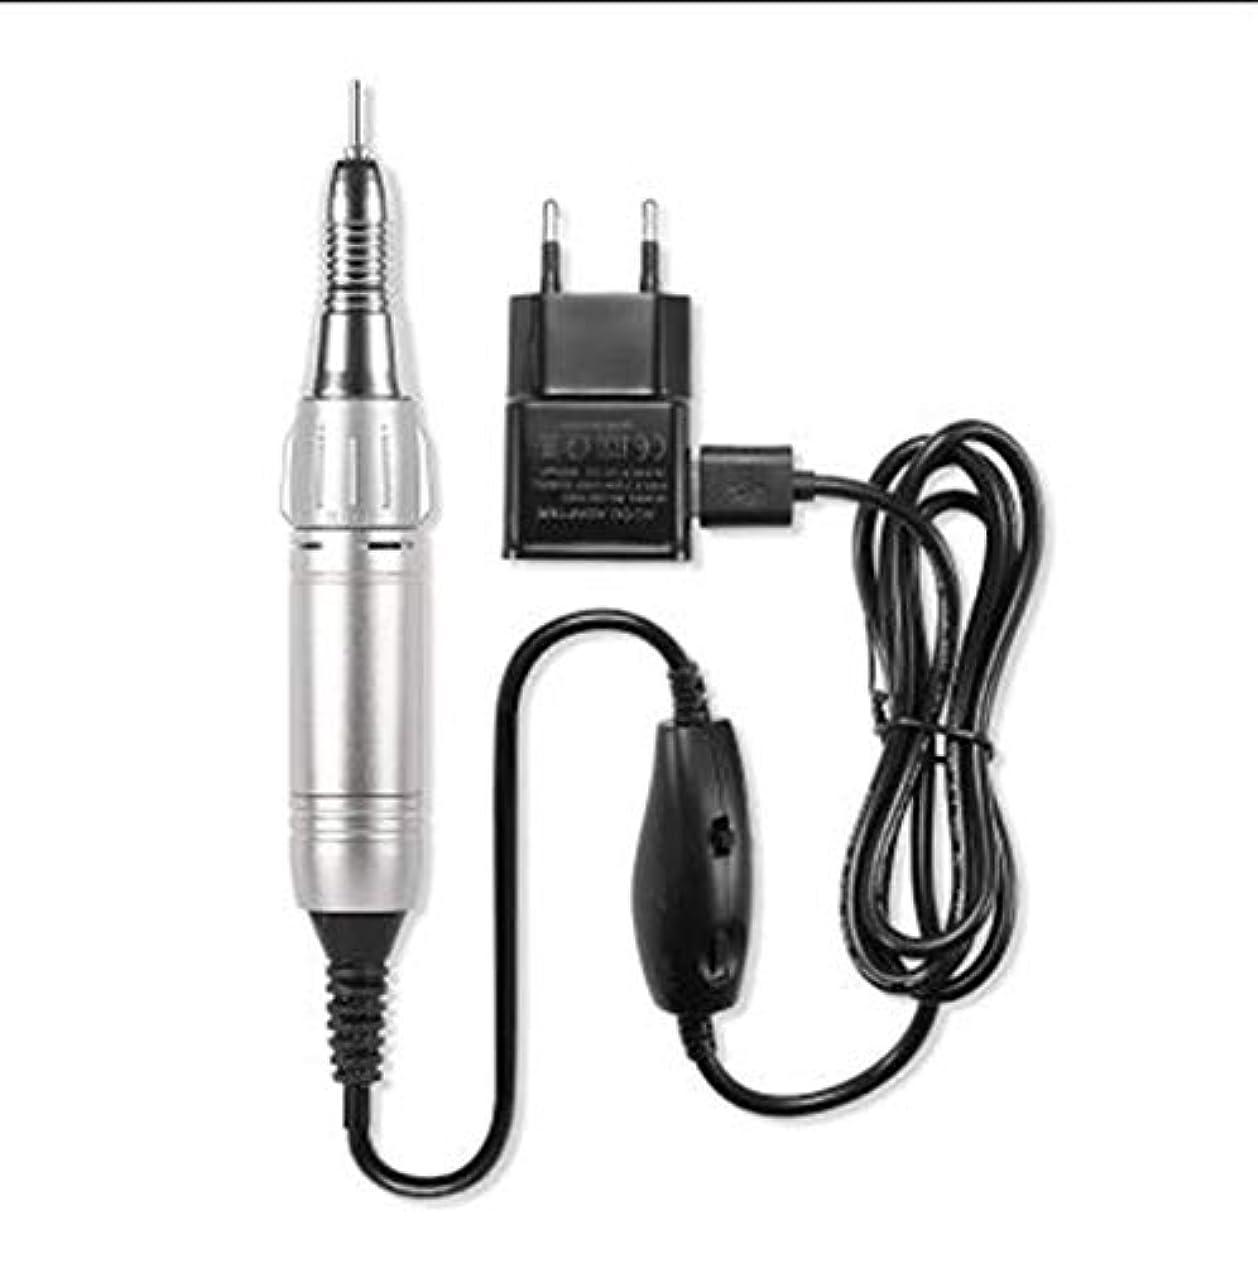 通信する百飼い慣らすアクリルゲルカルスを除去するための設定した電気ネイルポリッシャー電動ネイルDrillsLowノイズ低熱低振動研磨ツールネイル(20000RMP) (Color : Silver)